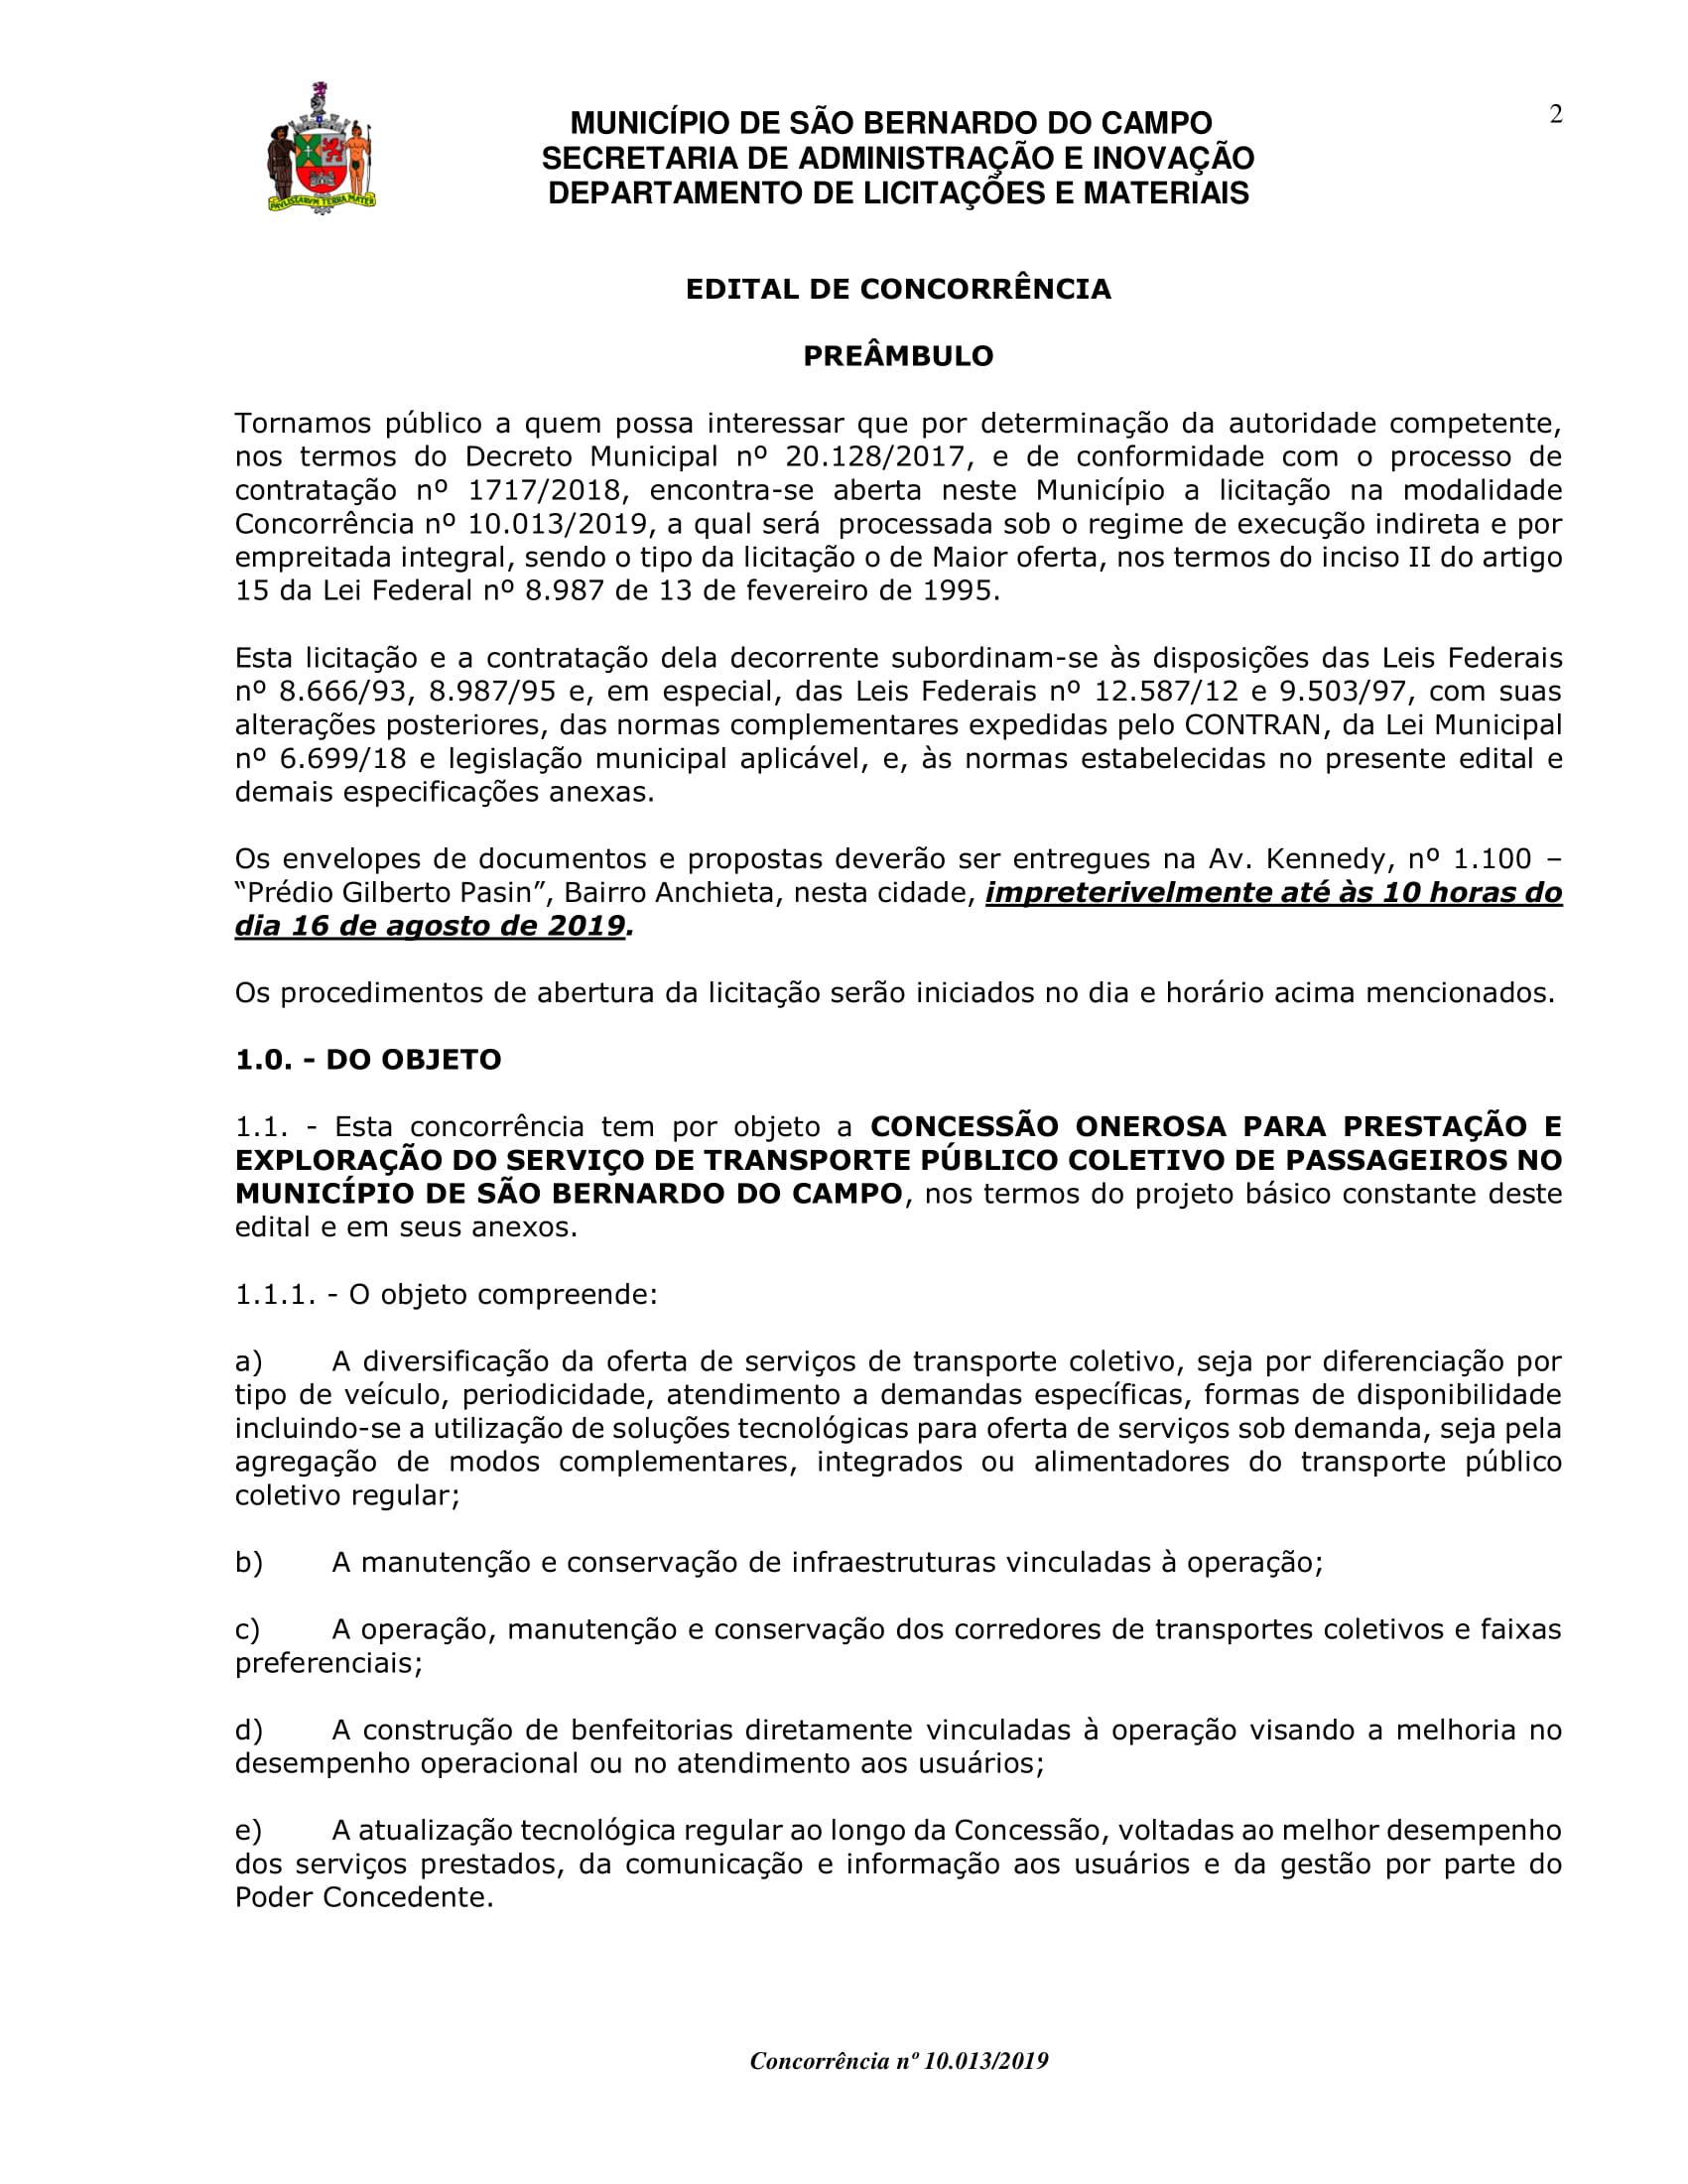 CP.10.013-19 edital-02